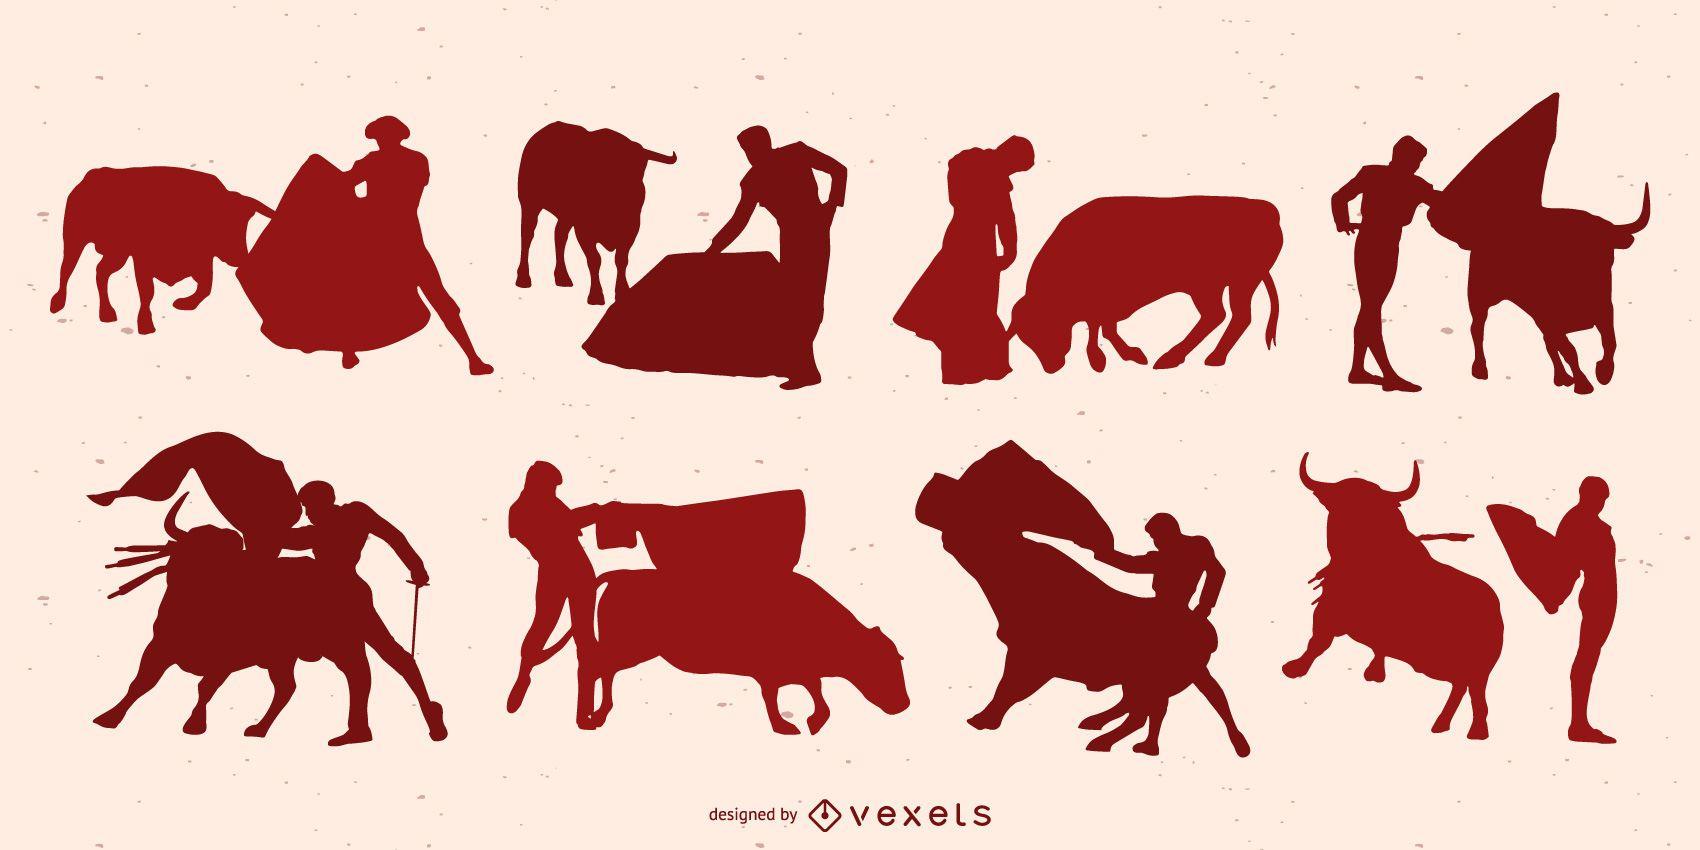 Bullfighter Silhouette Design Pack